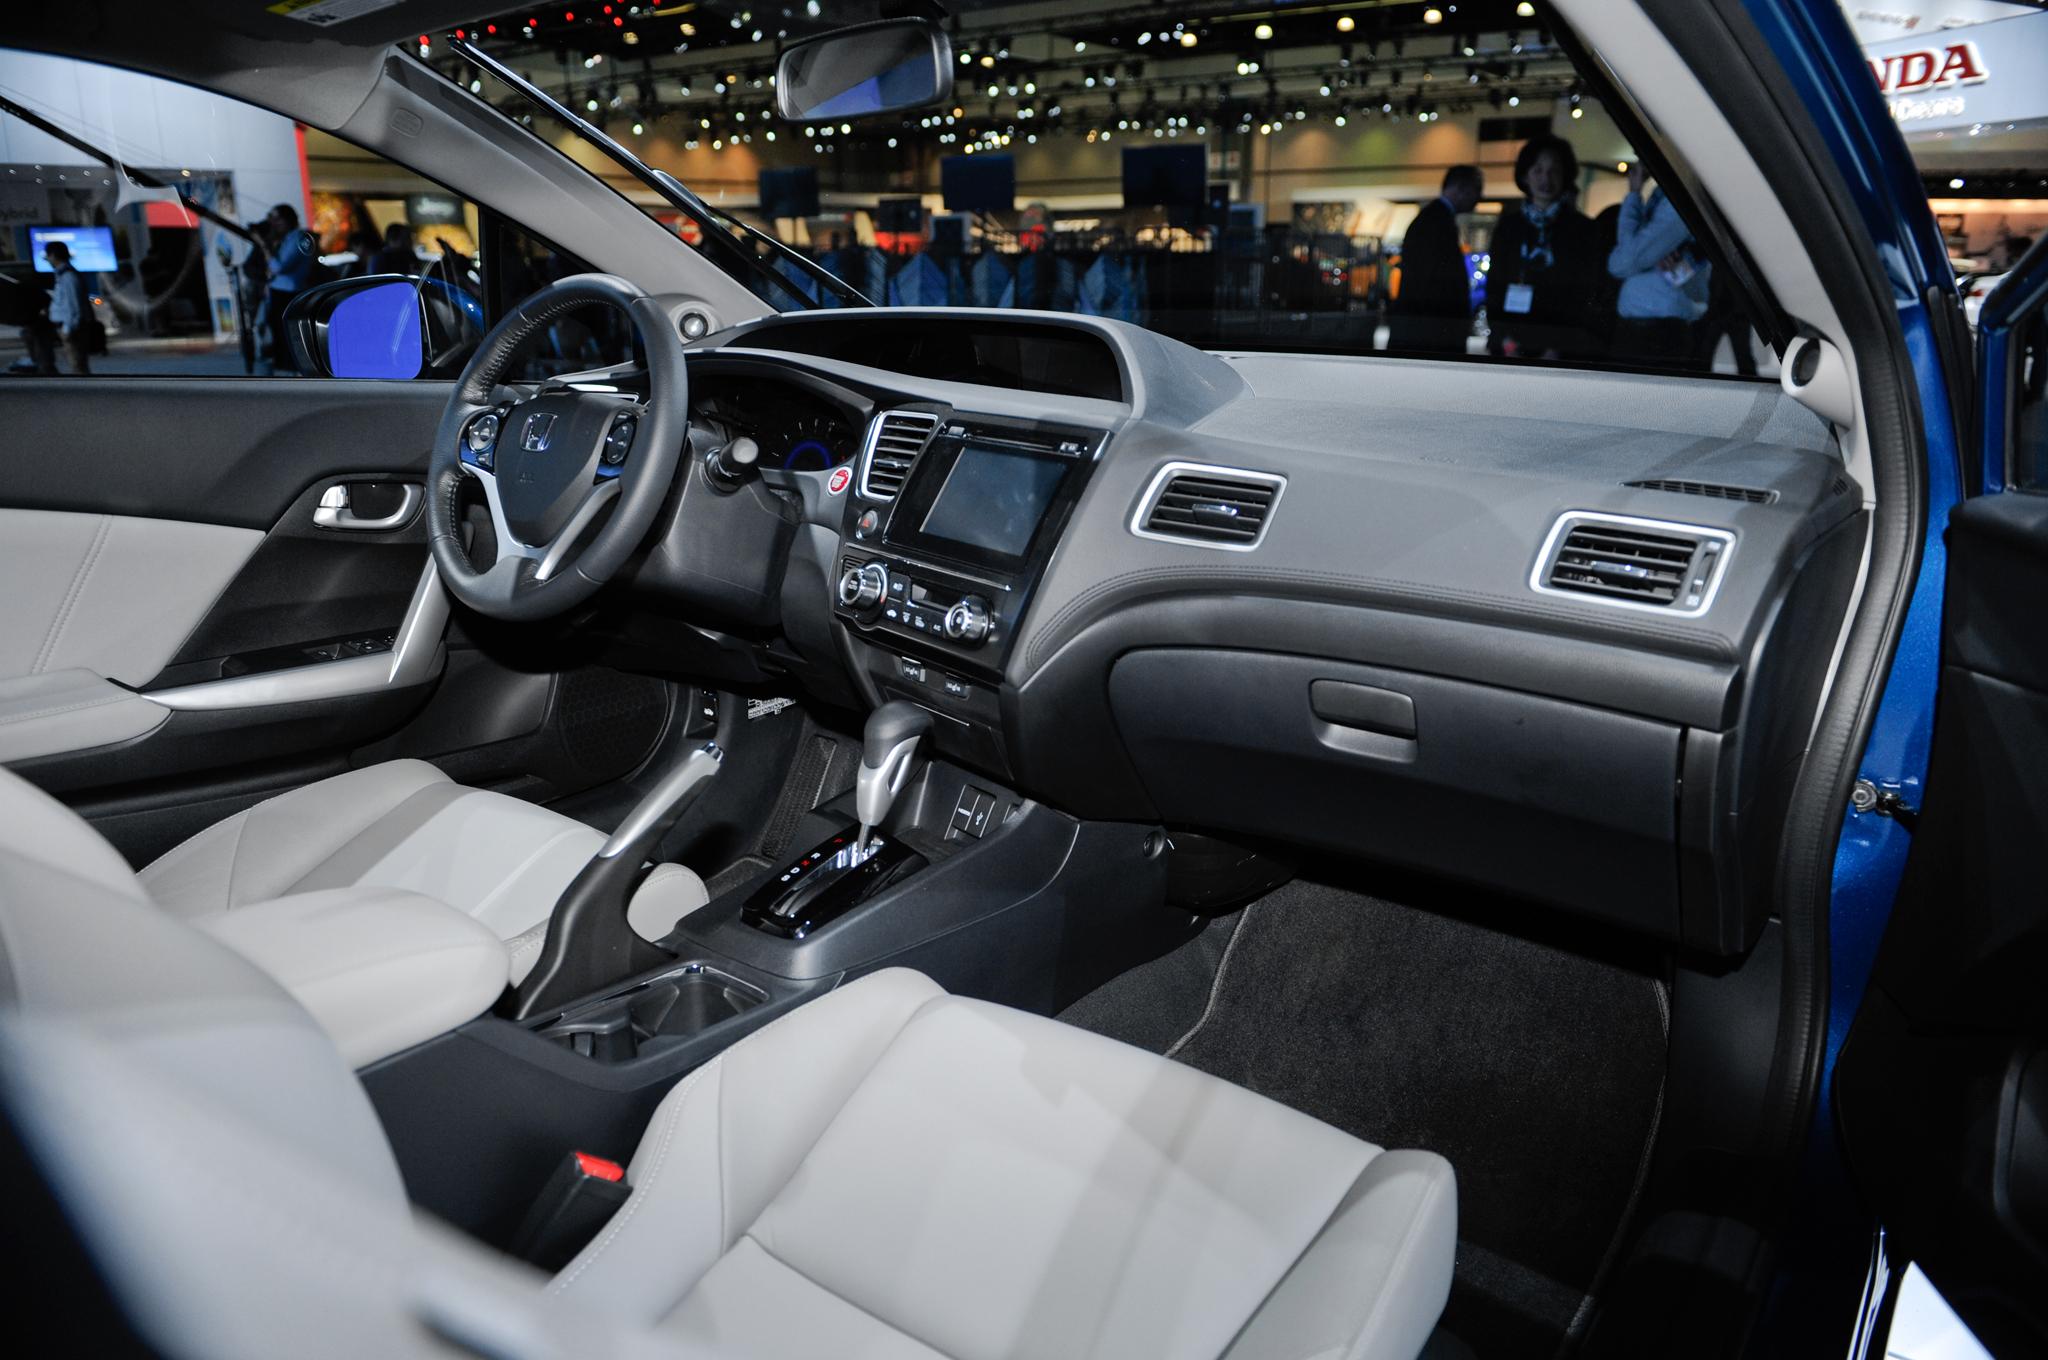 2014 Honda Civic #11 Honda Civic #11